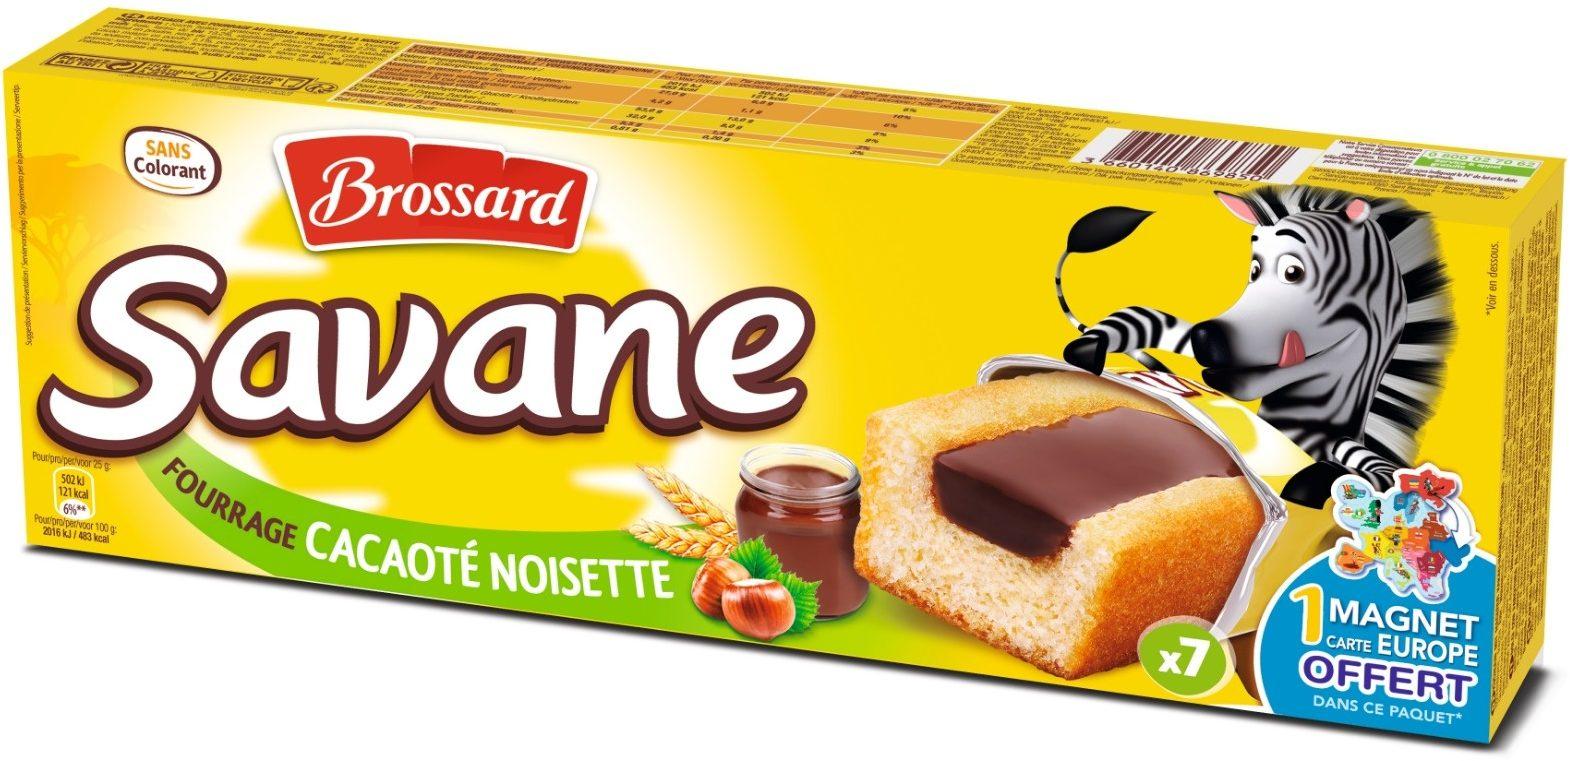 Savane Pocket Fourrage Cacaoté Noisette - Produit - fr